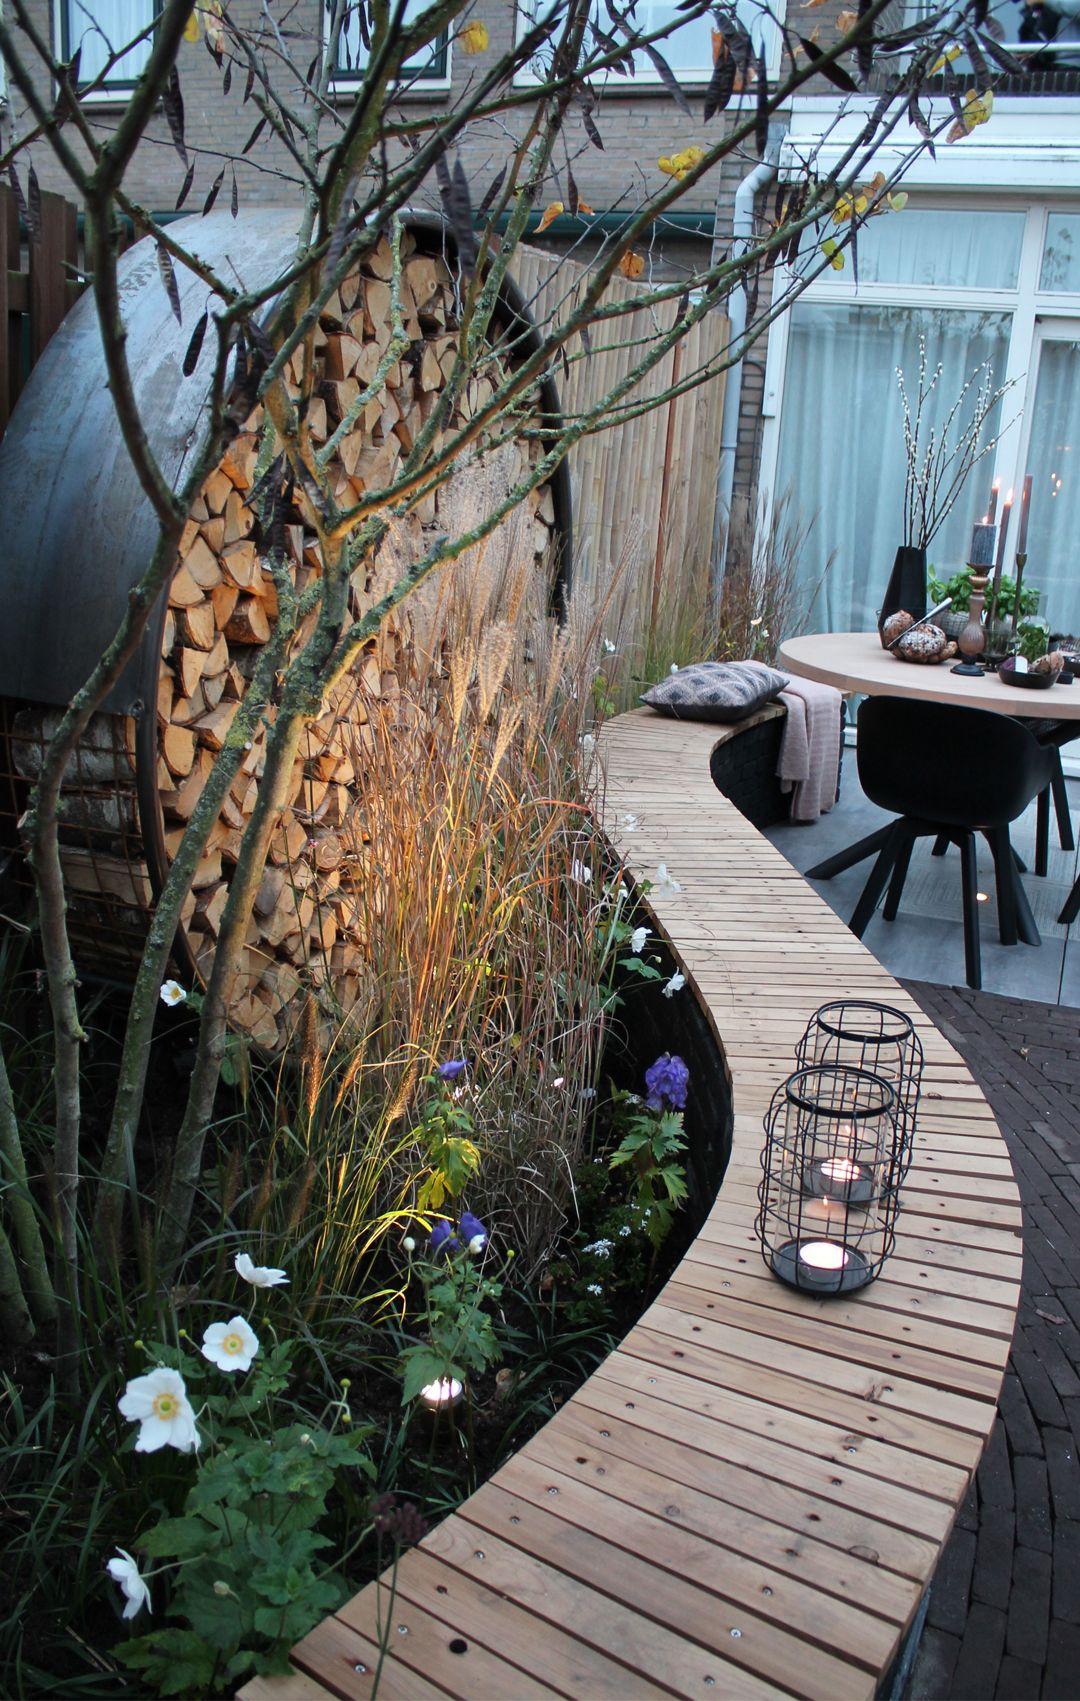 Fonkelnieuw Romantische tuin gemaakt bij Eigen Huis & Tuin. Veel sfeer, hout CZ-26